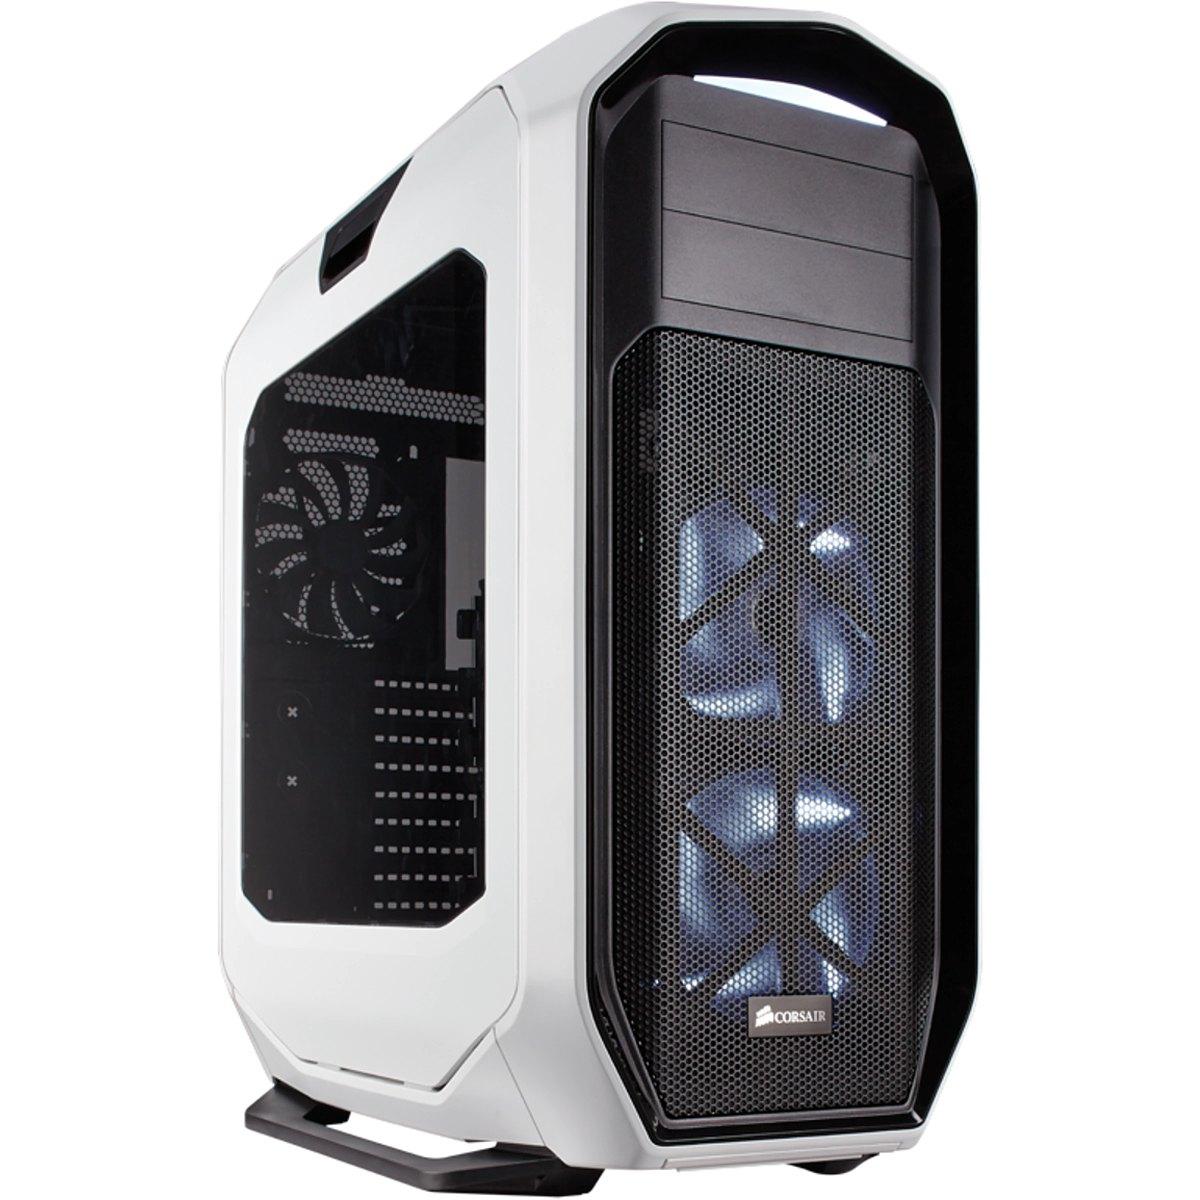 Компьютер Core EXTREME Creative